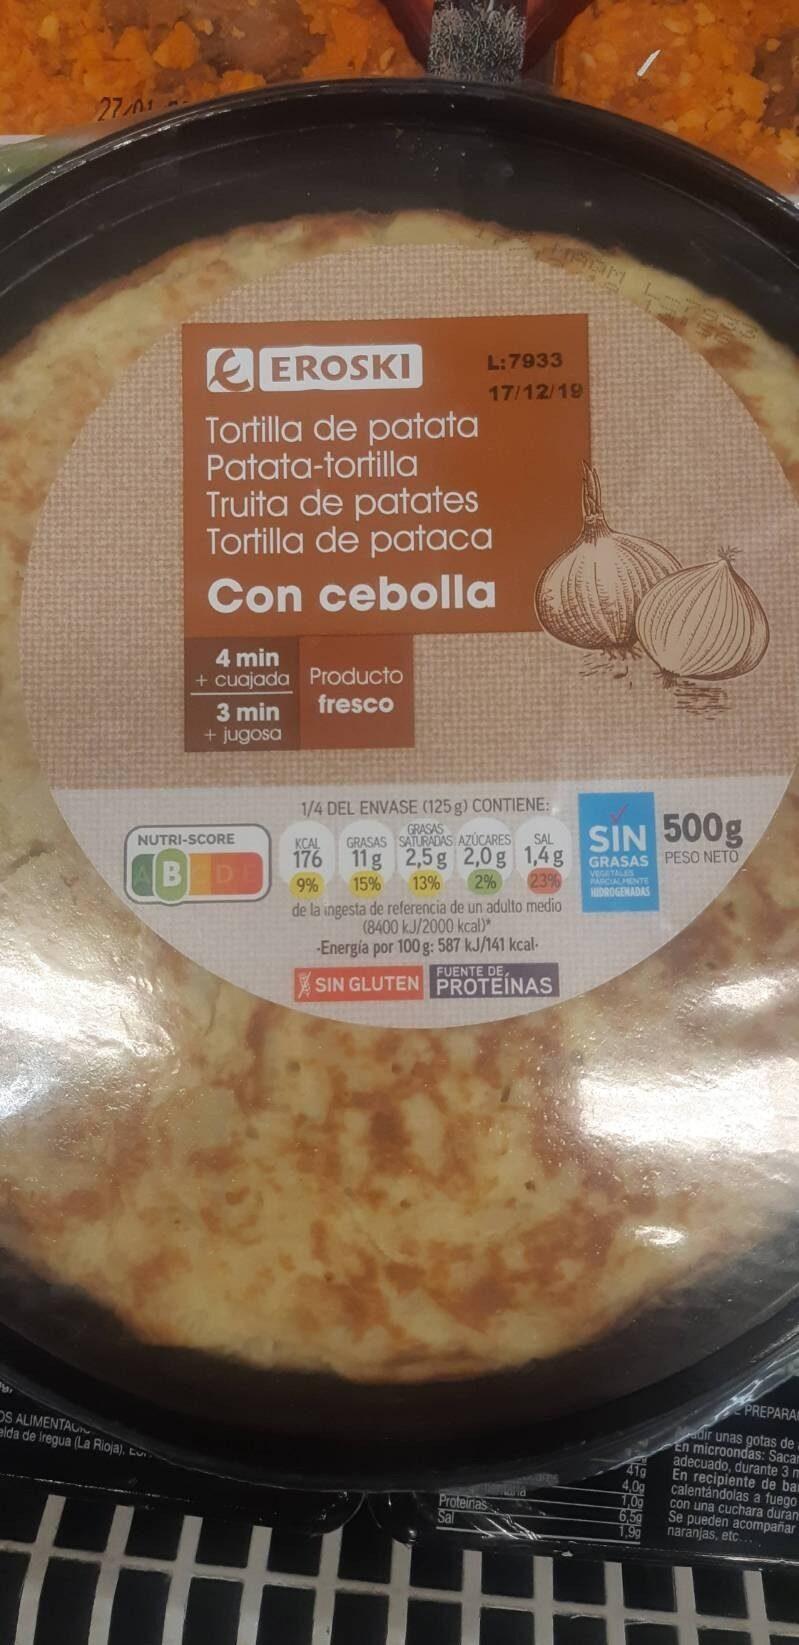 Tortilla de patata con cebolla - Produit - es